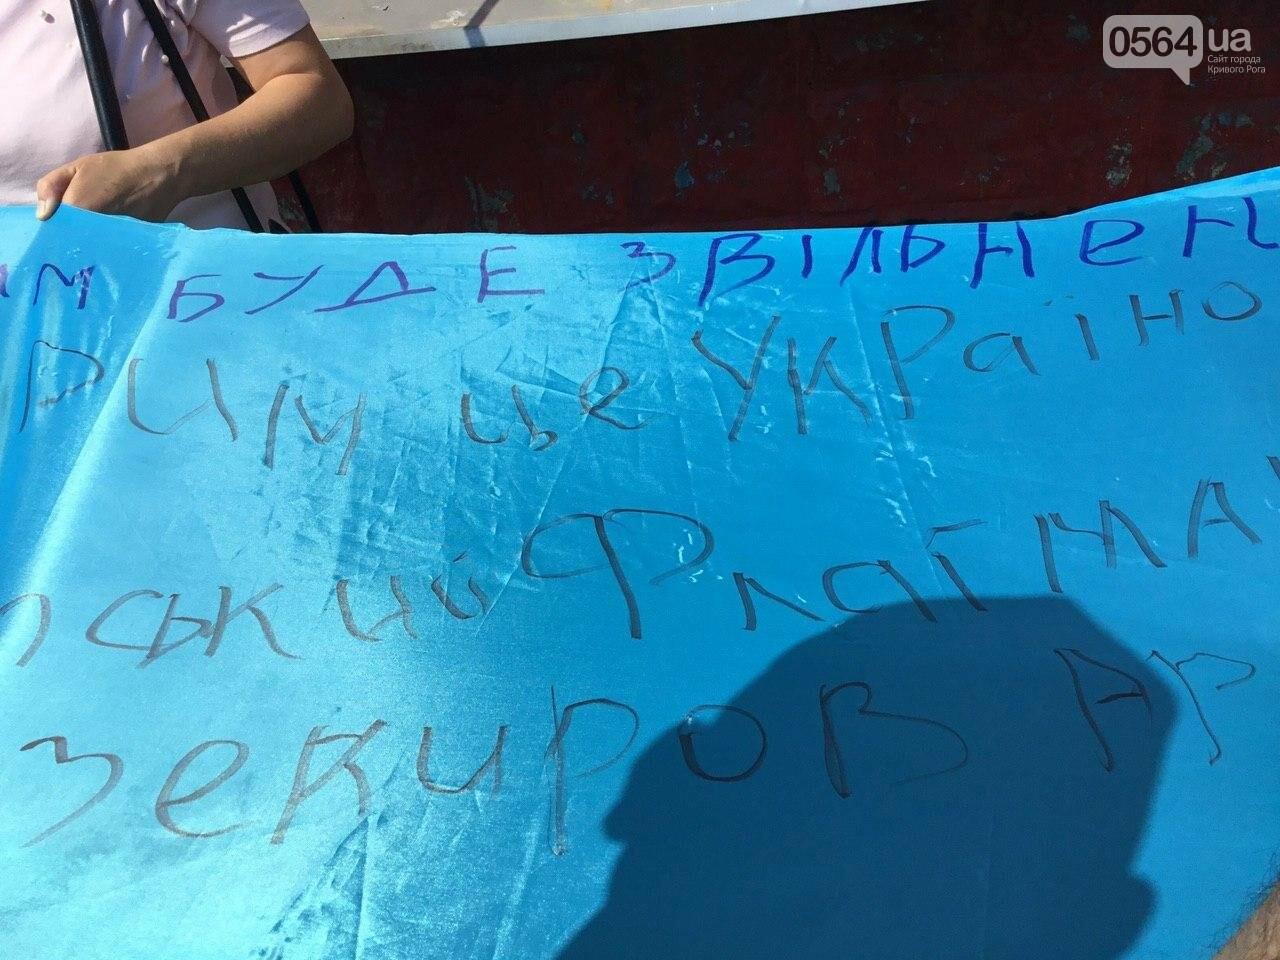 """""""Українці - брати, Разом ми - сила!"""", - какие пожелания и призывы написали криворожане на Знамени Единства, - ФОТО, ВИДЕО, фото-14"""